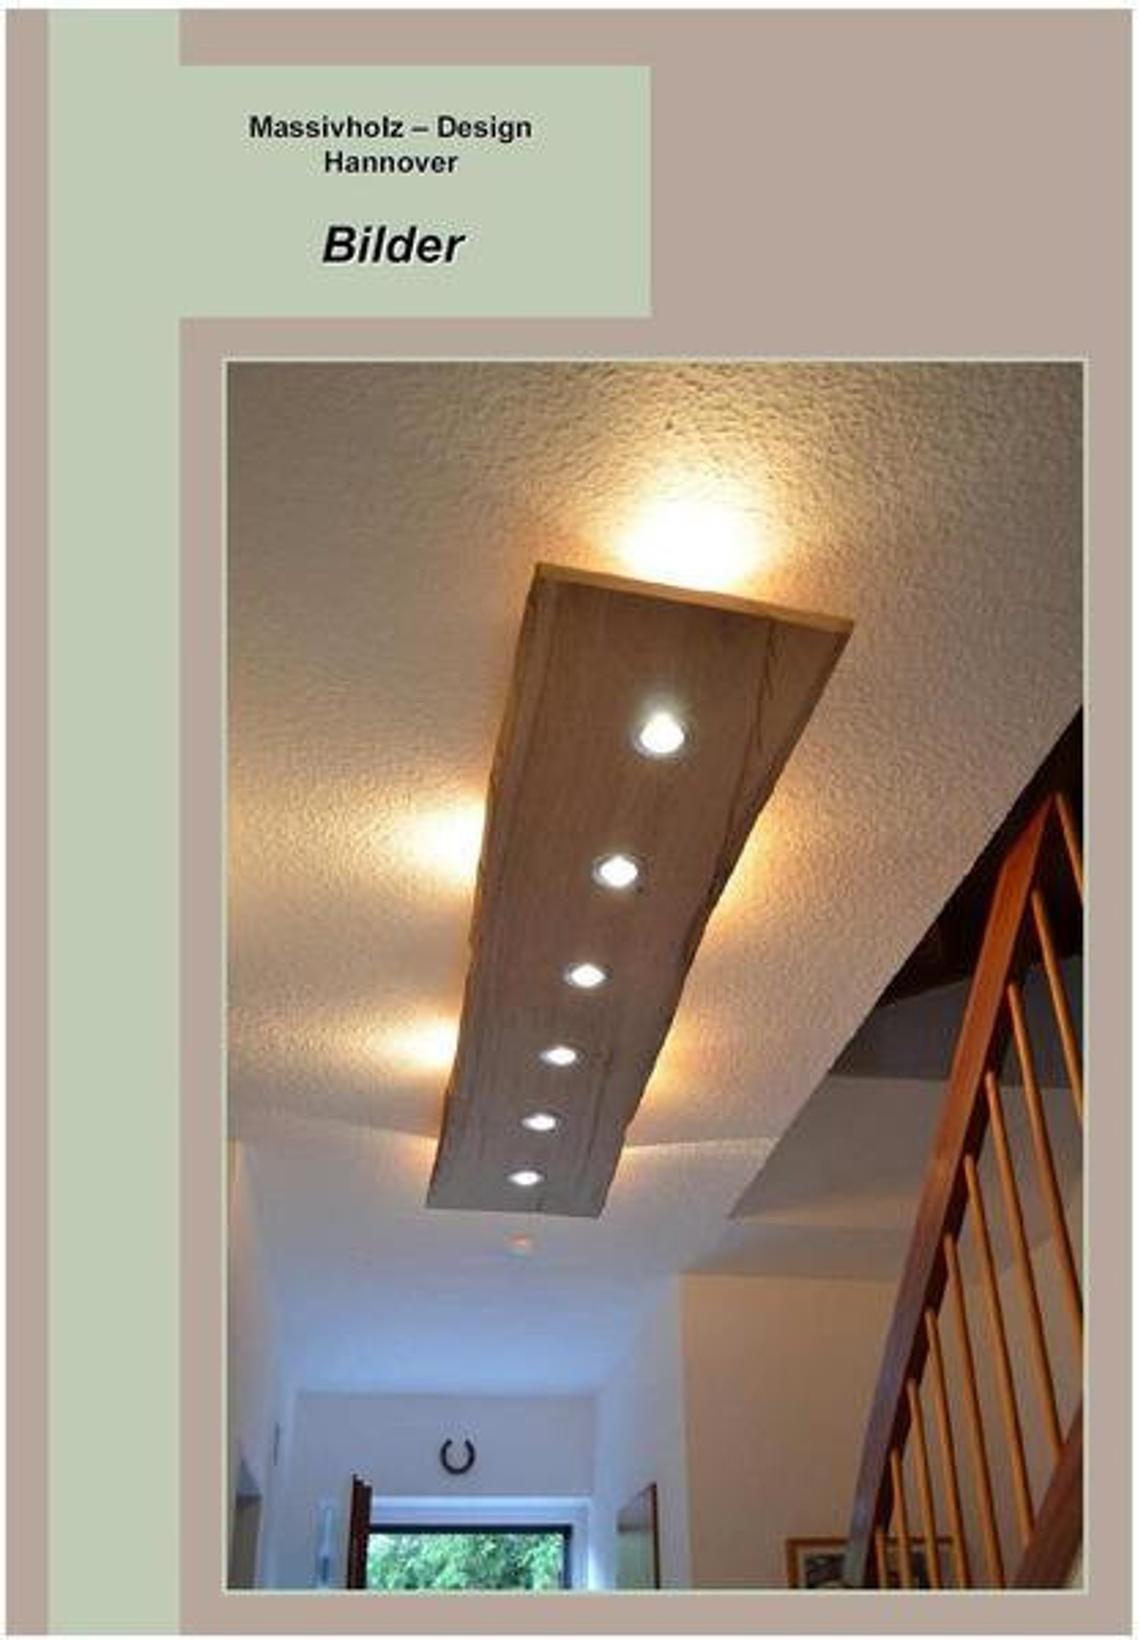 Full Size of Ikea Stehlampe Dimmen Schirm Papier Lampenschirm Stehlampen Dimmbar Hektar Stehlampenschirm Wohnzimmer Deckenfluter Kaputt Stehleuchte Lampe Ersatzschirm Not Wohnzimmer Ikea Stehlampe